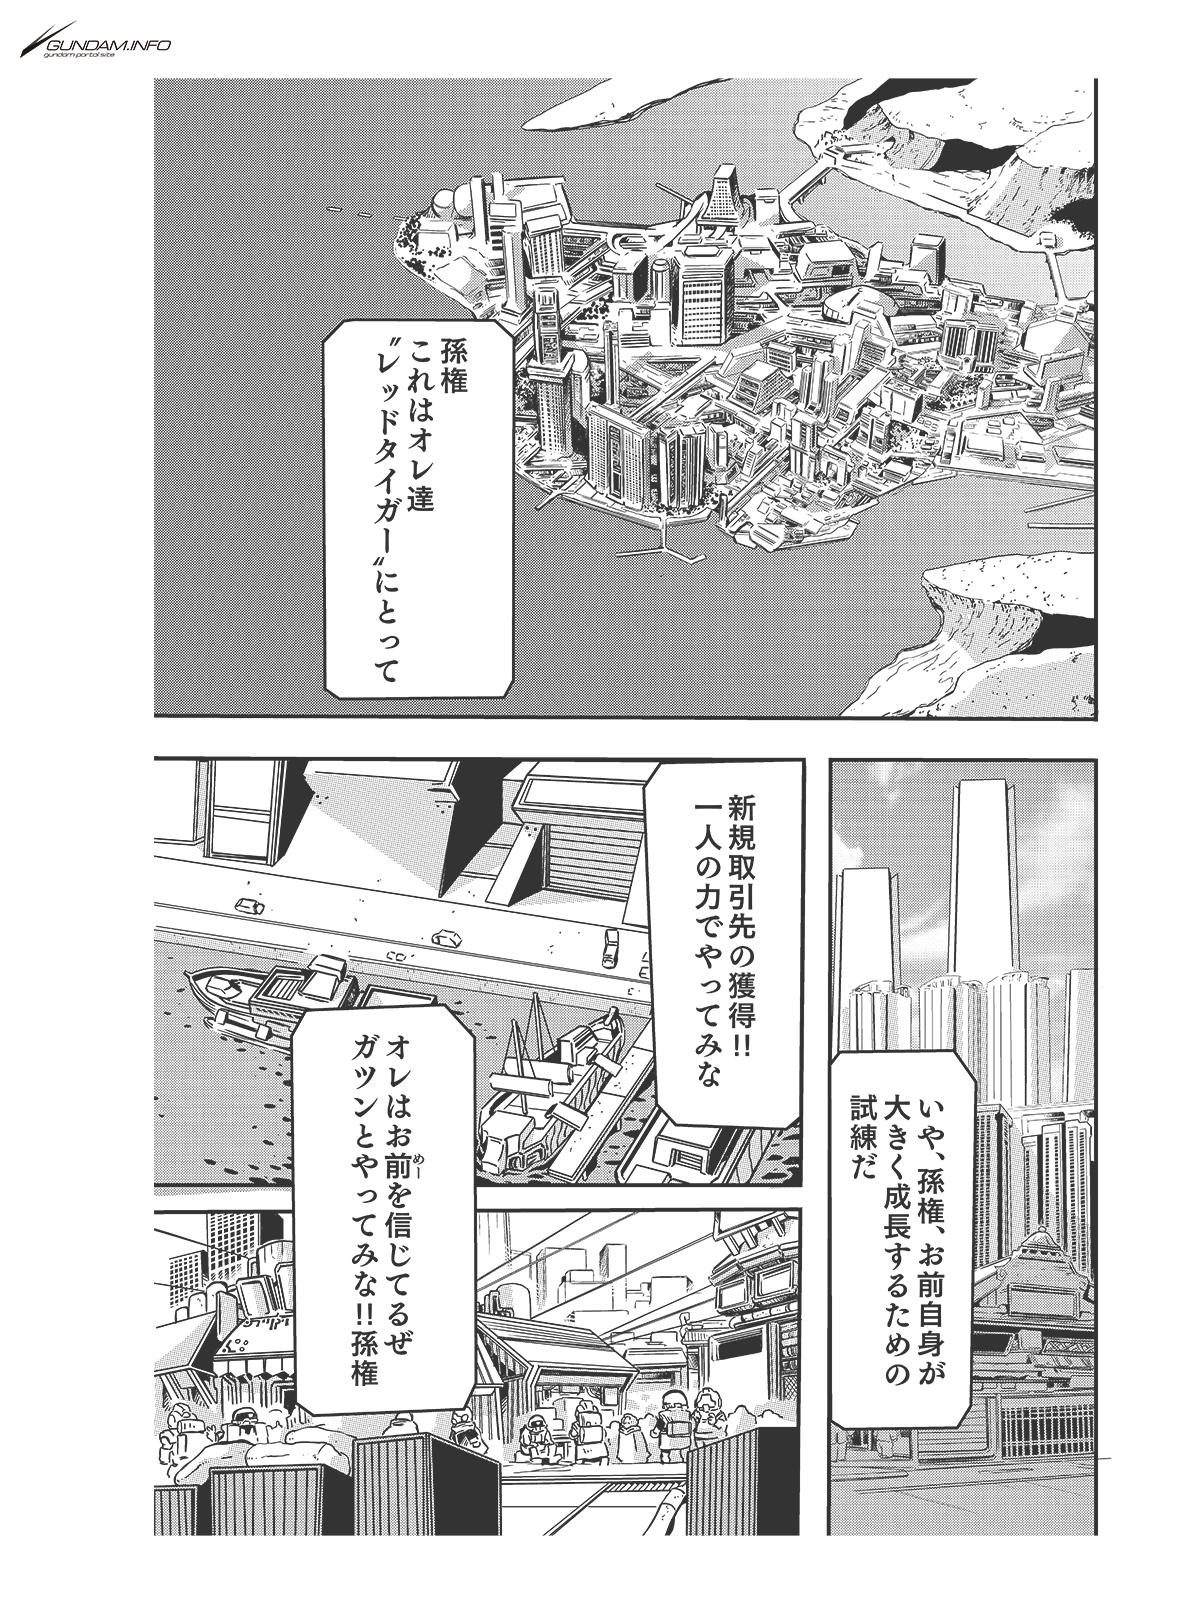 SDガンダムワールド 三国創傑伝 焔虎譚 第3話 P1